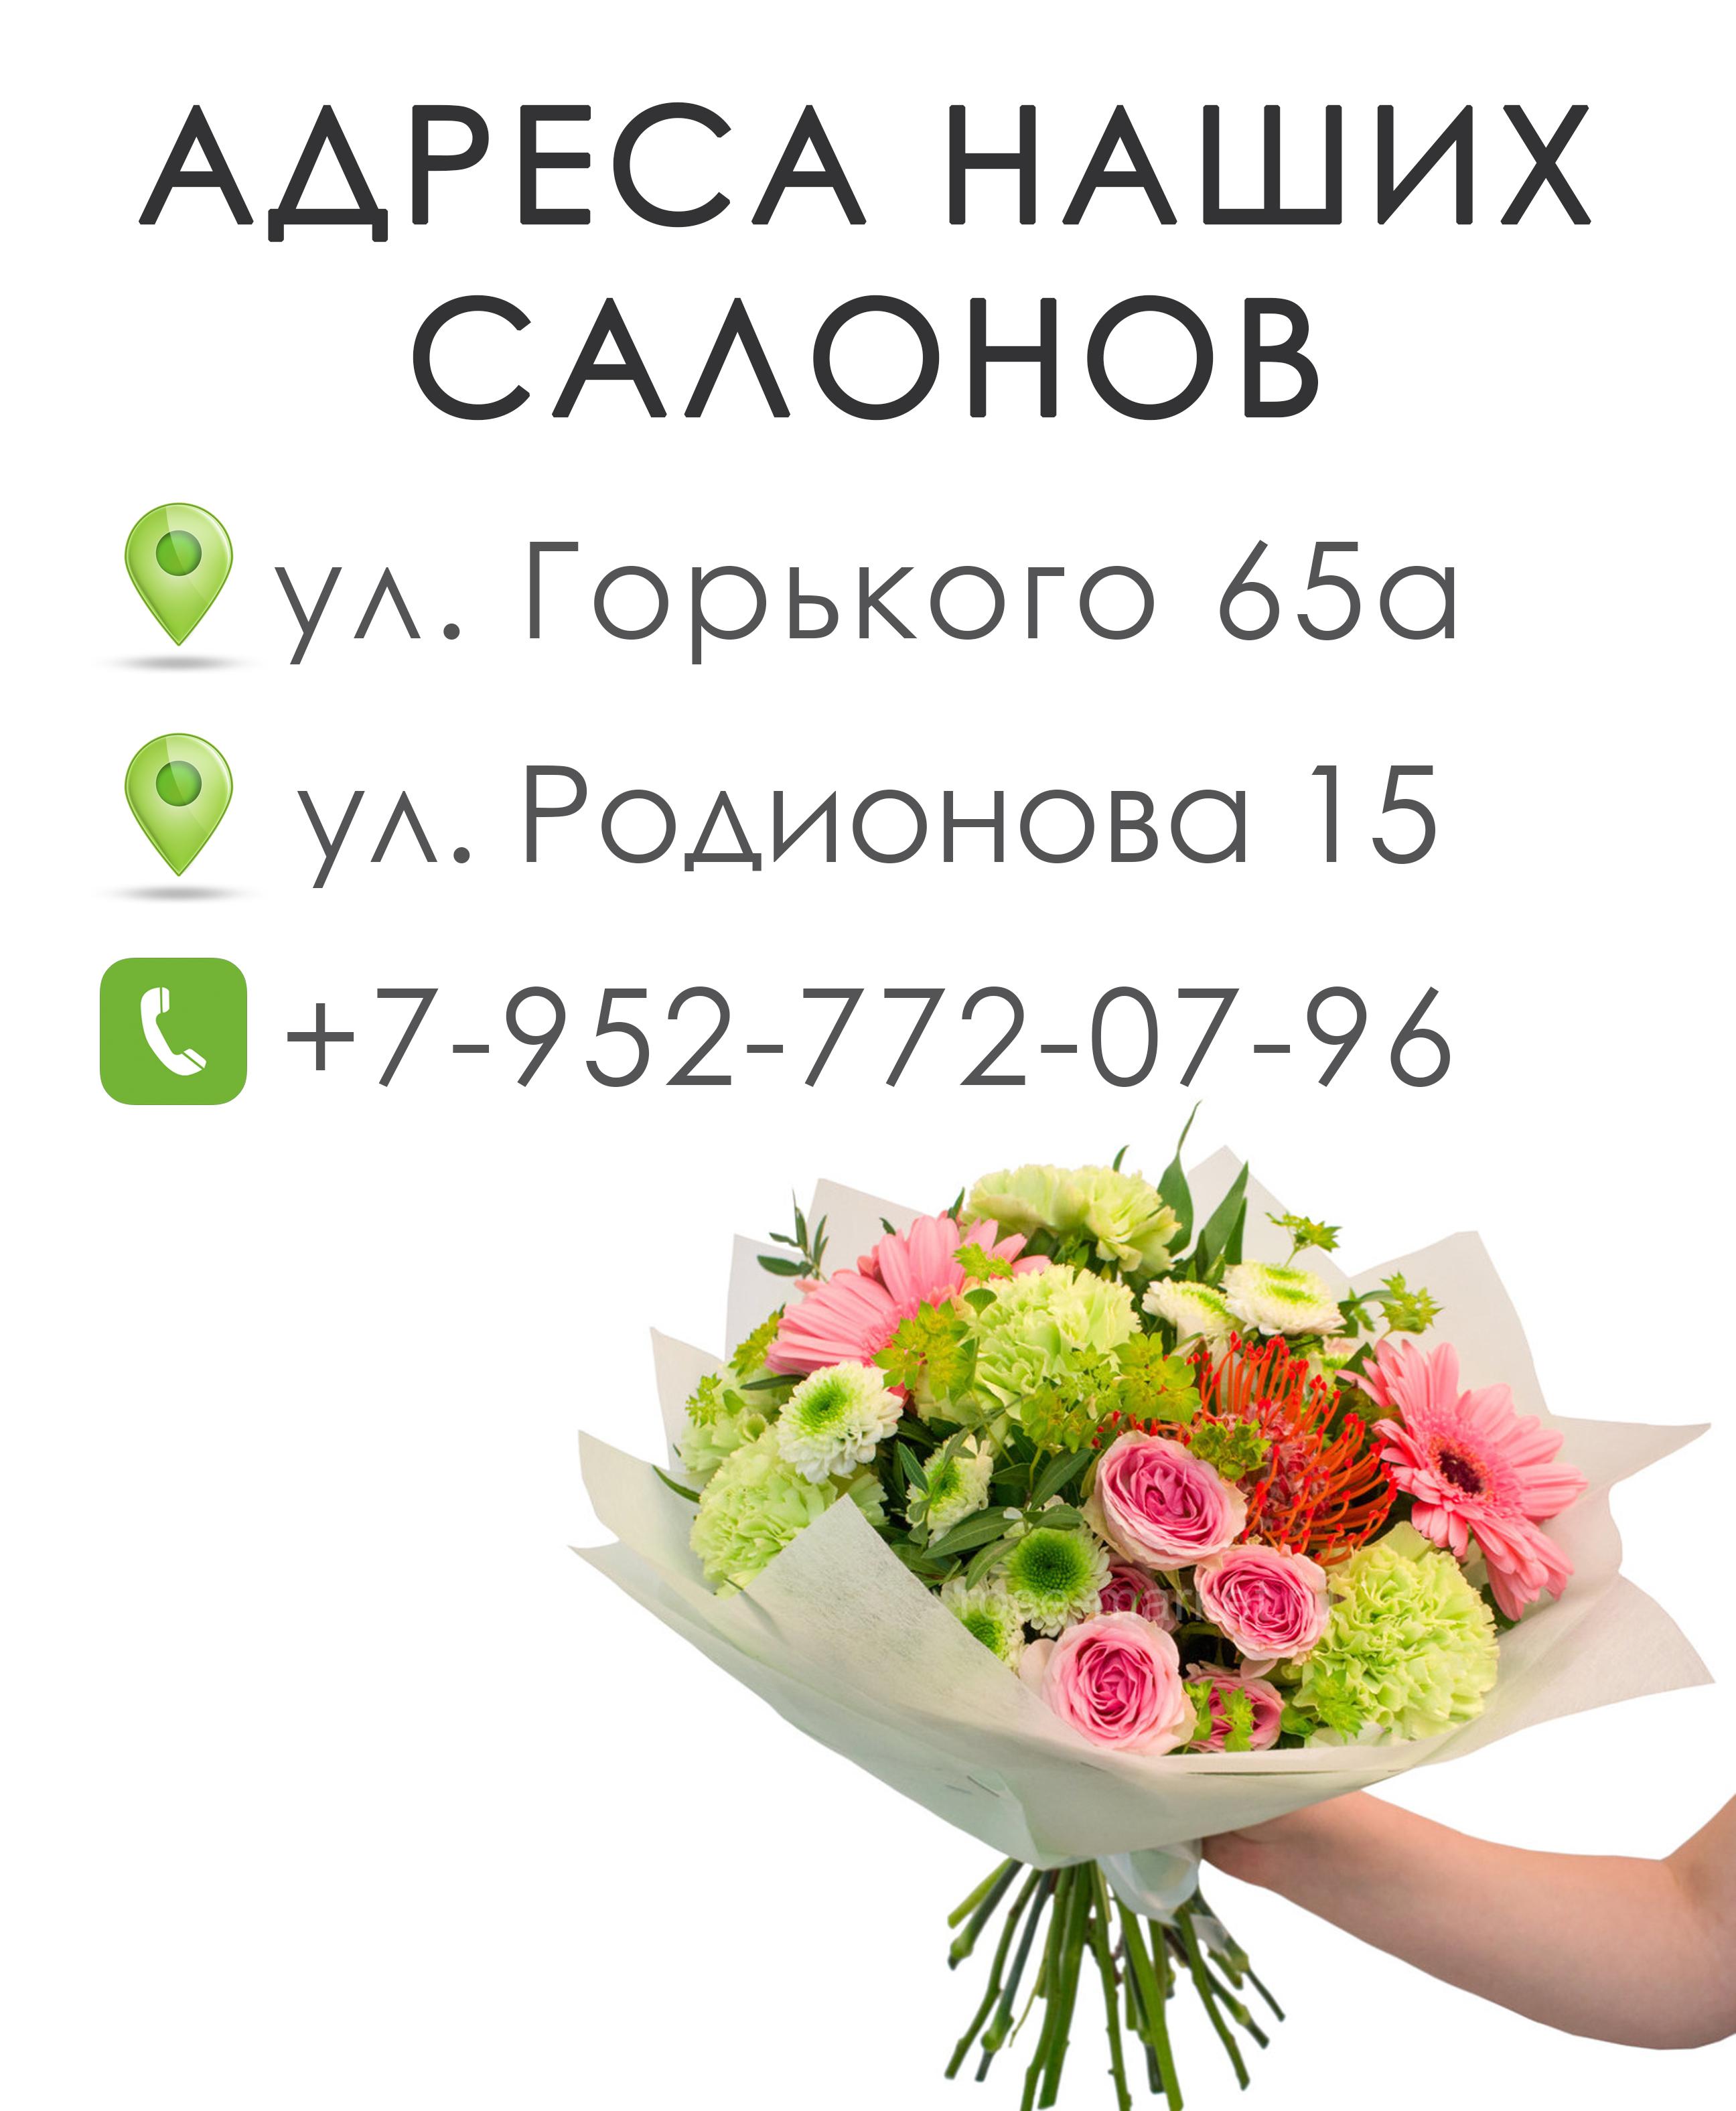 Доставка комнатных цветов в нижнем новгороде служба доставки цветов саранск